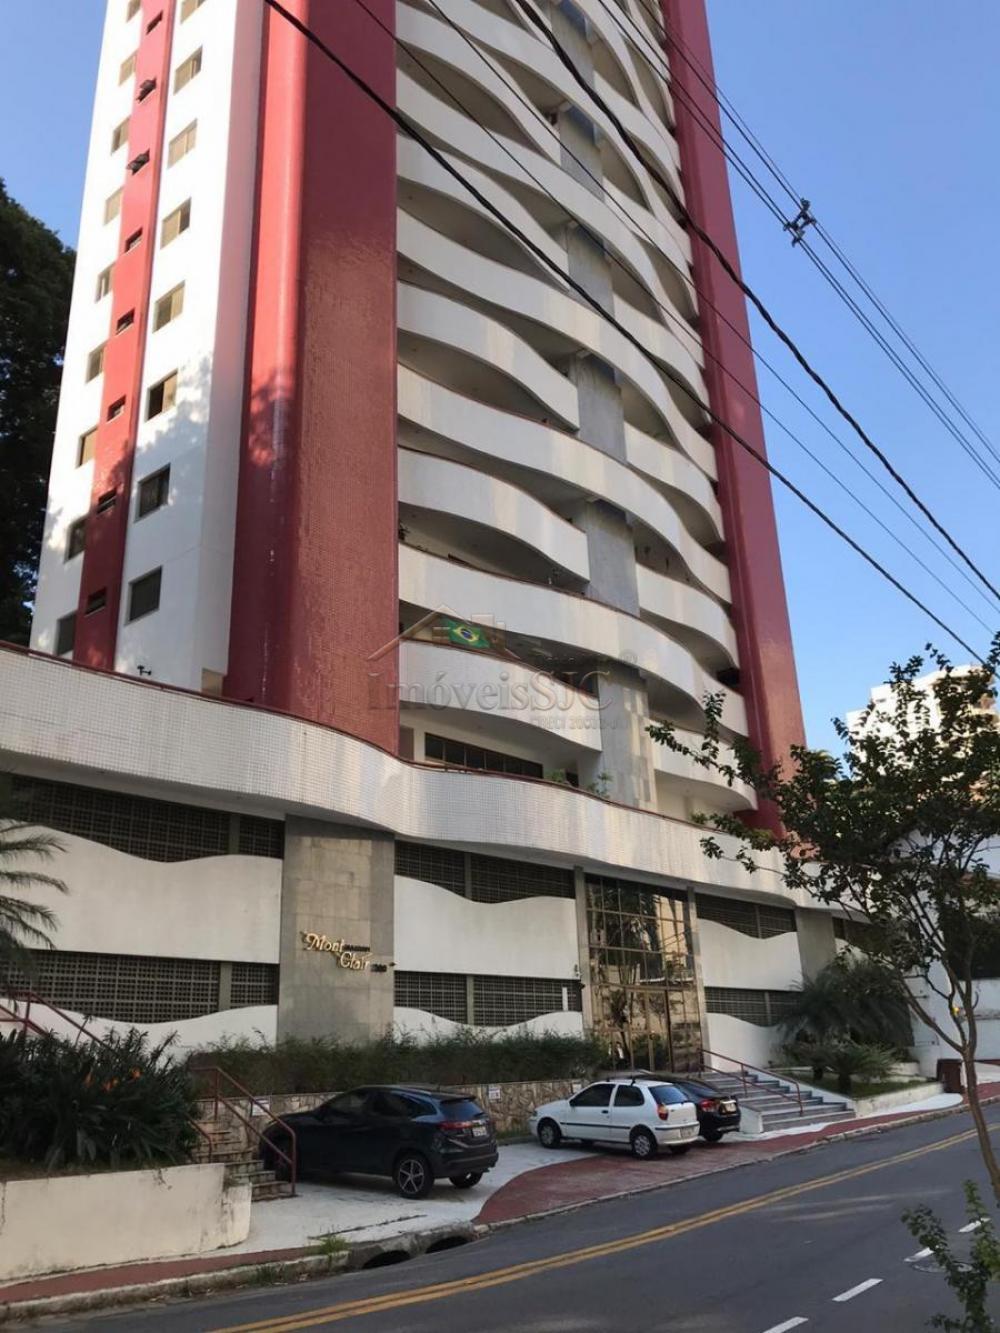 Comprar Apartamentos / Padrão em São José dos Campos apenas R$ 660.000,00 - Foto 1